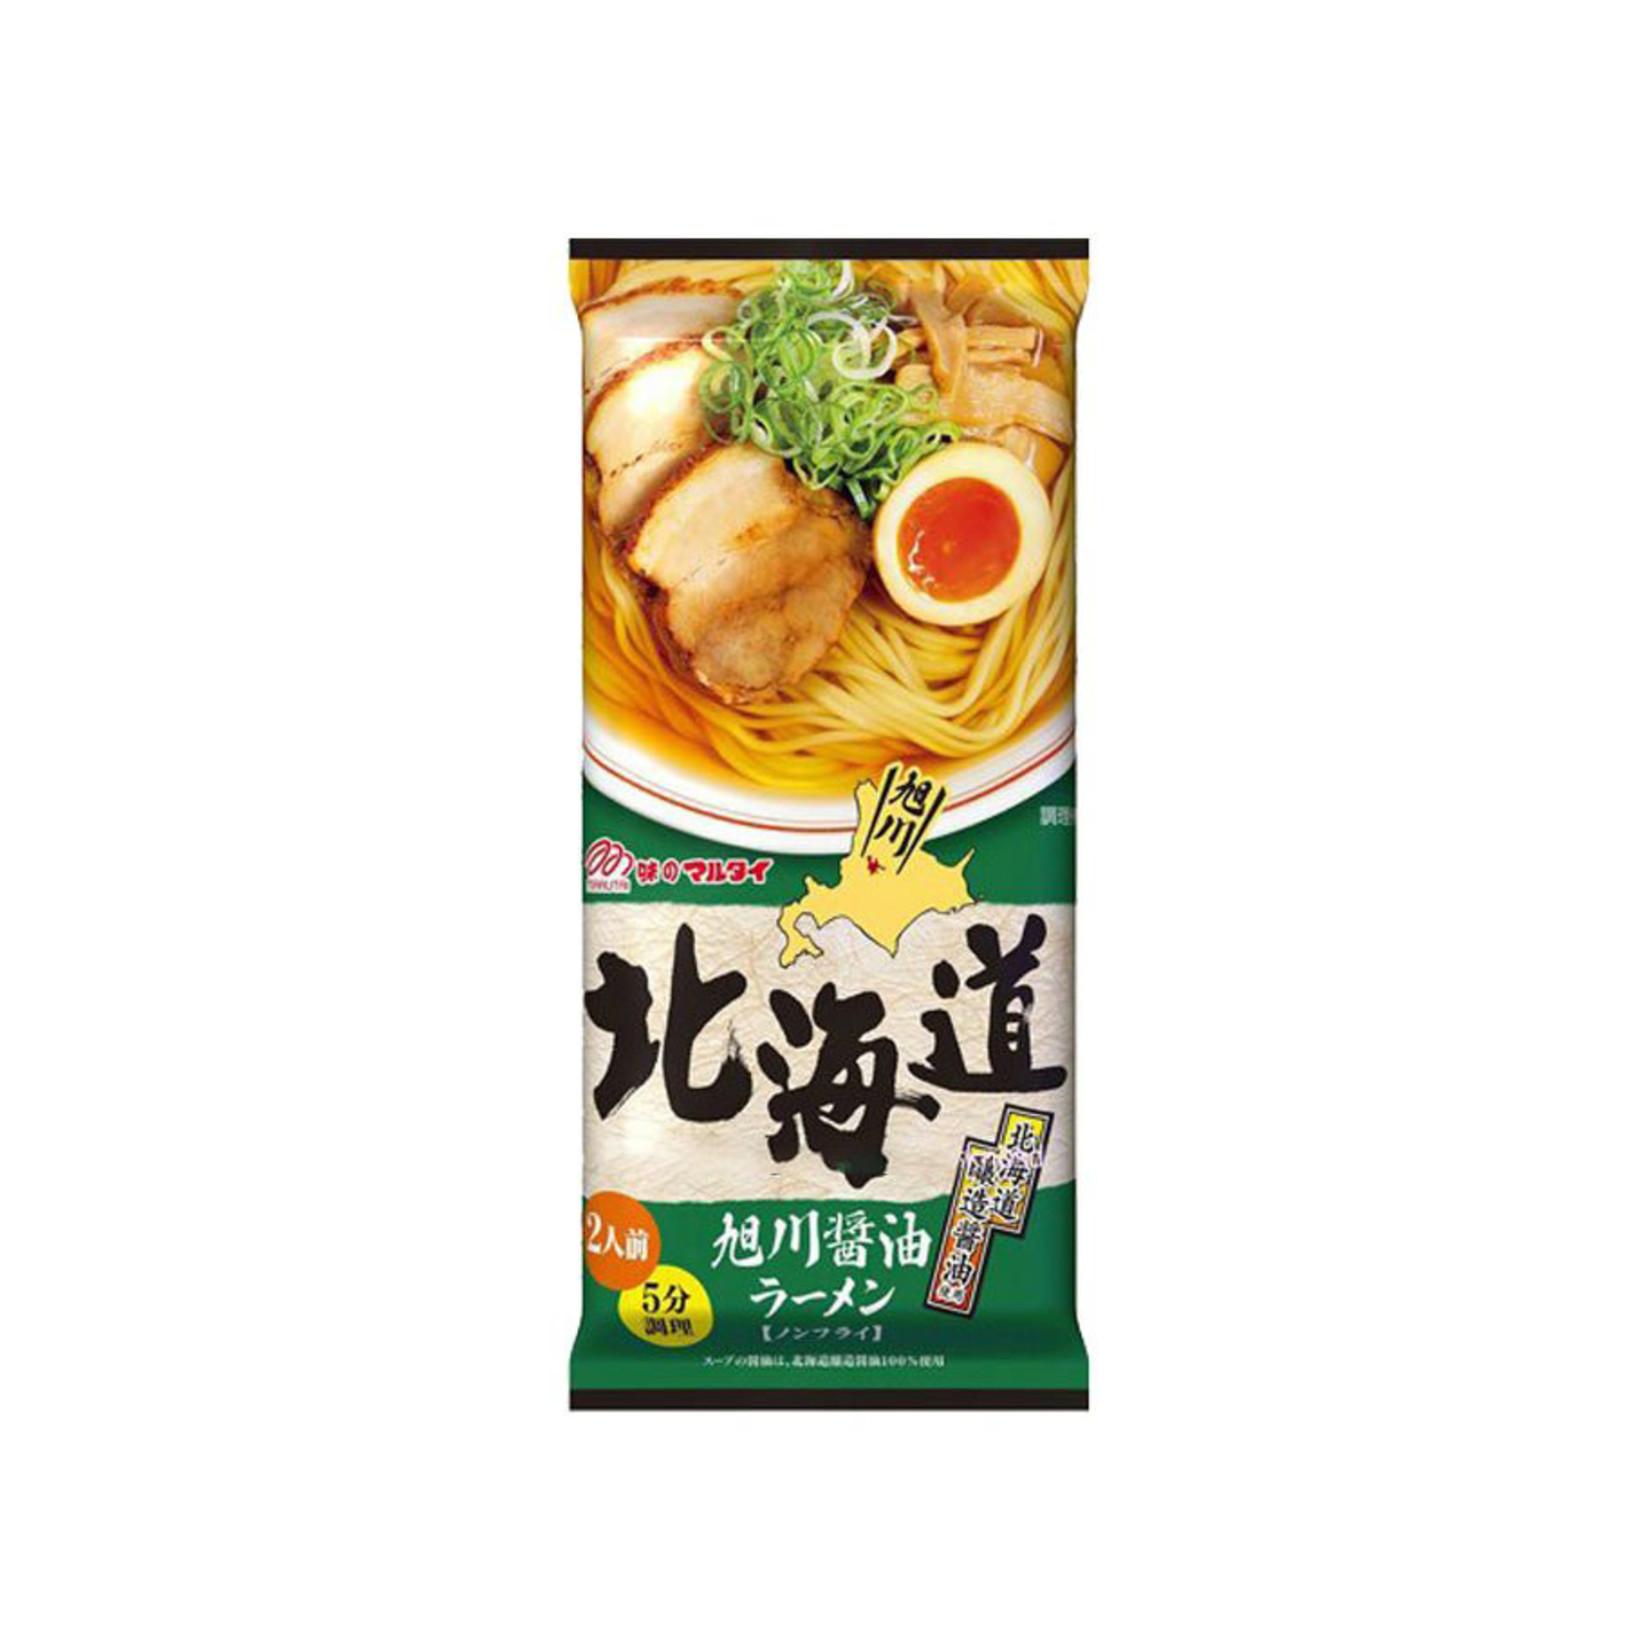 Marutai Instant Ramen Noodle 185g - Soy Sauce